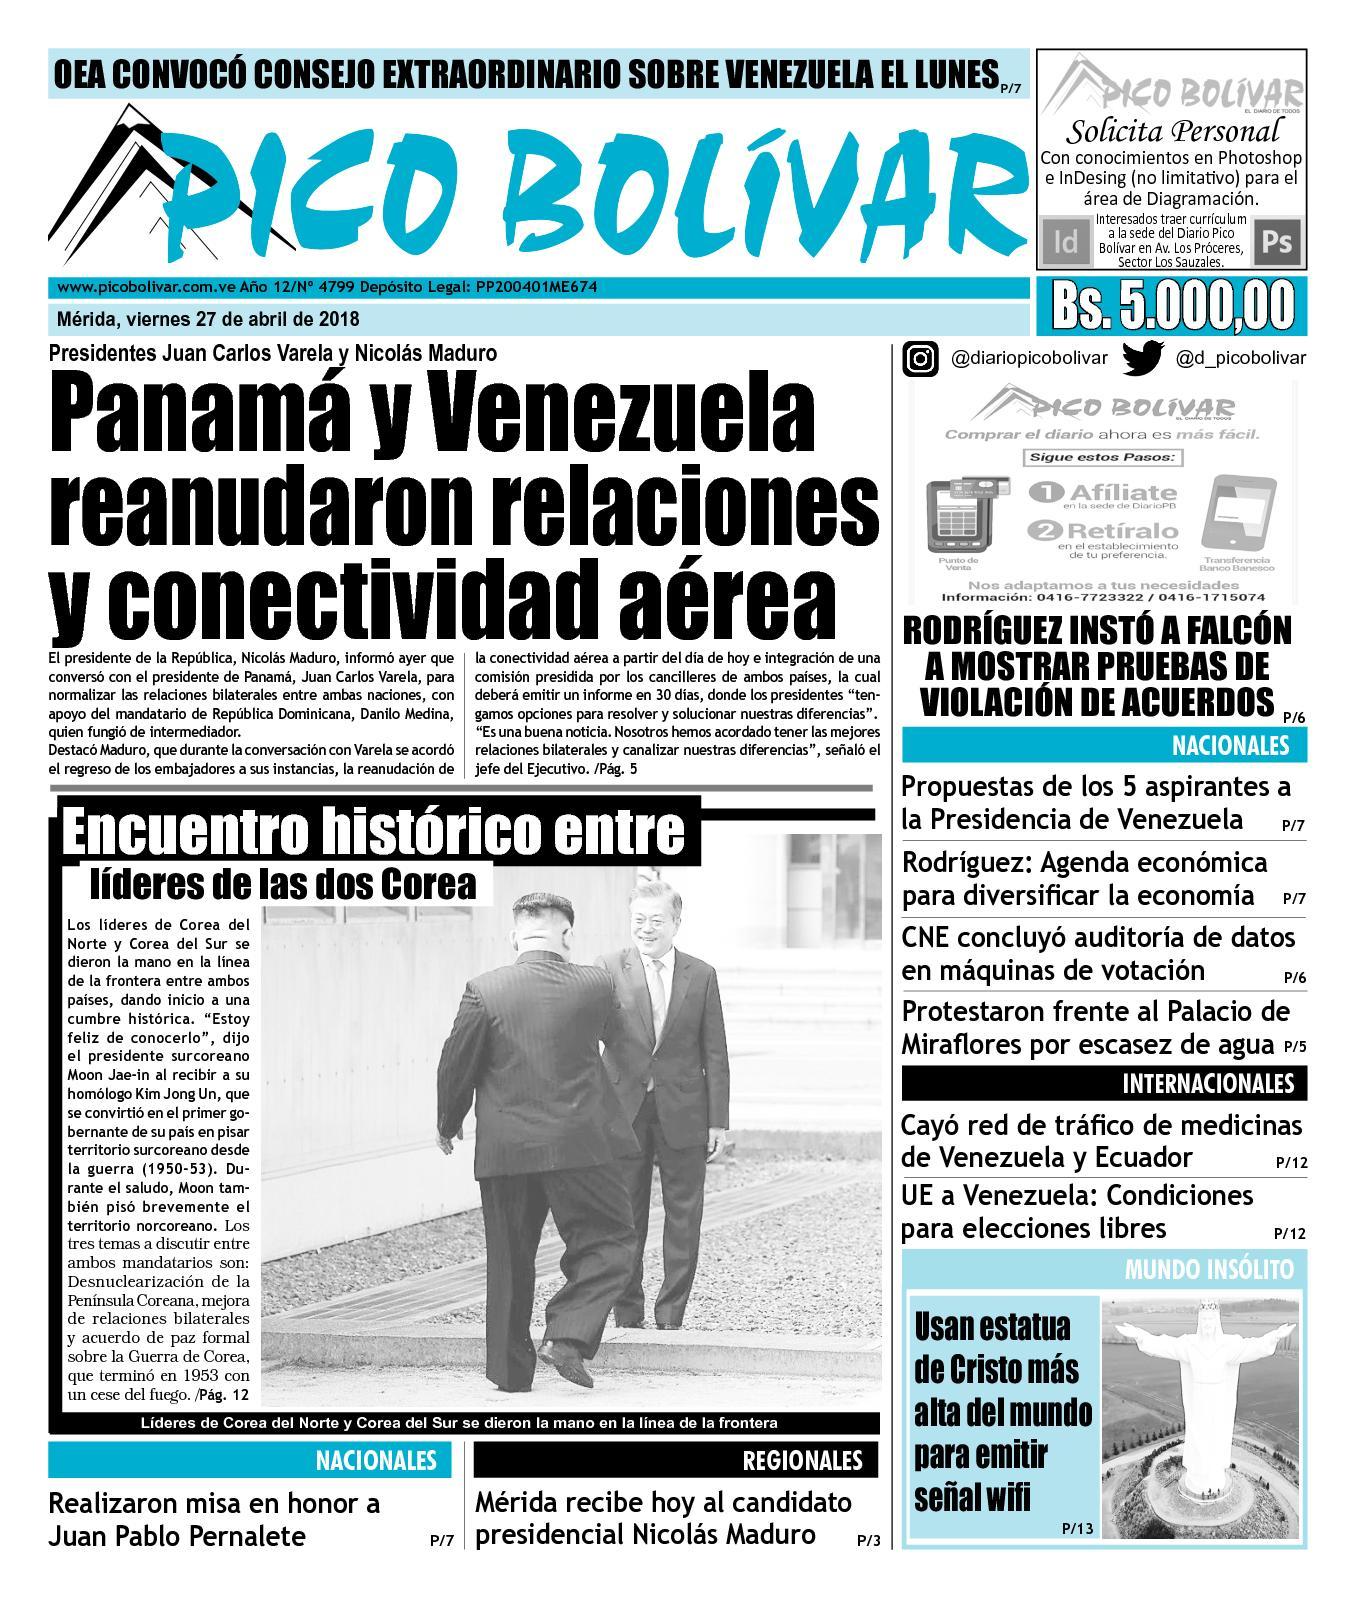 Calaméo - Diario 27/04/2018